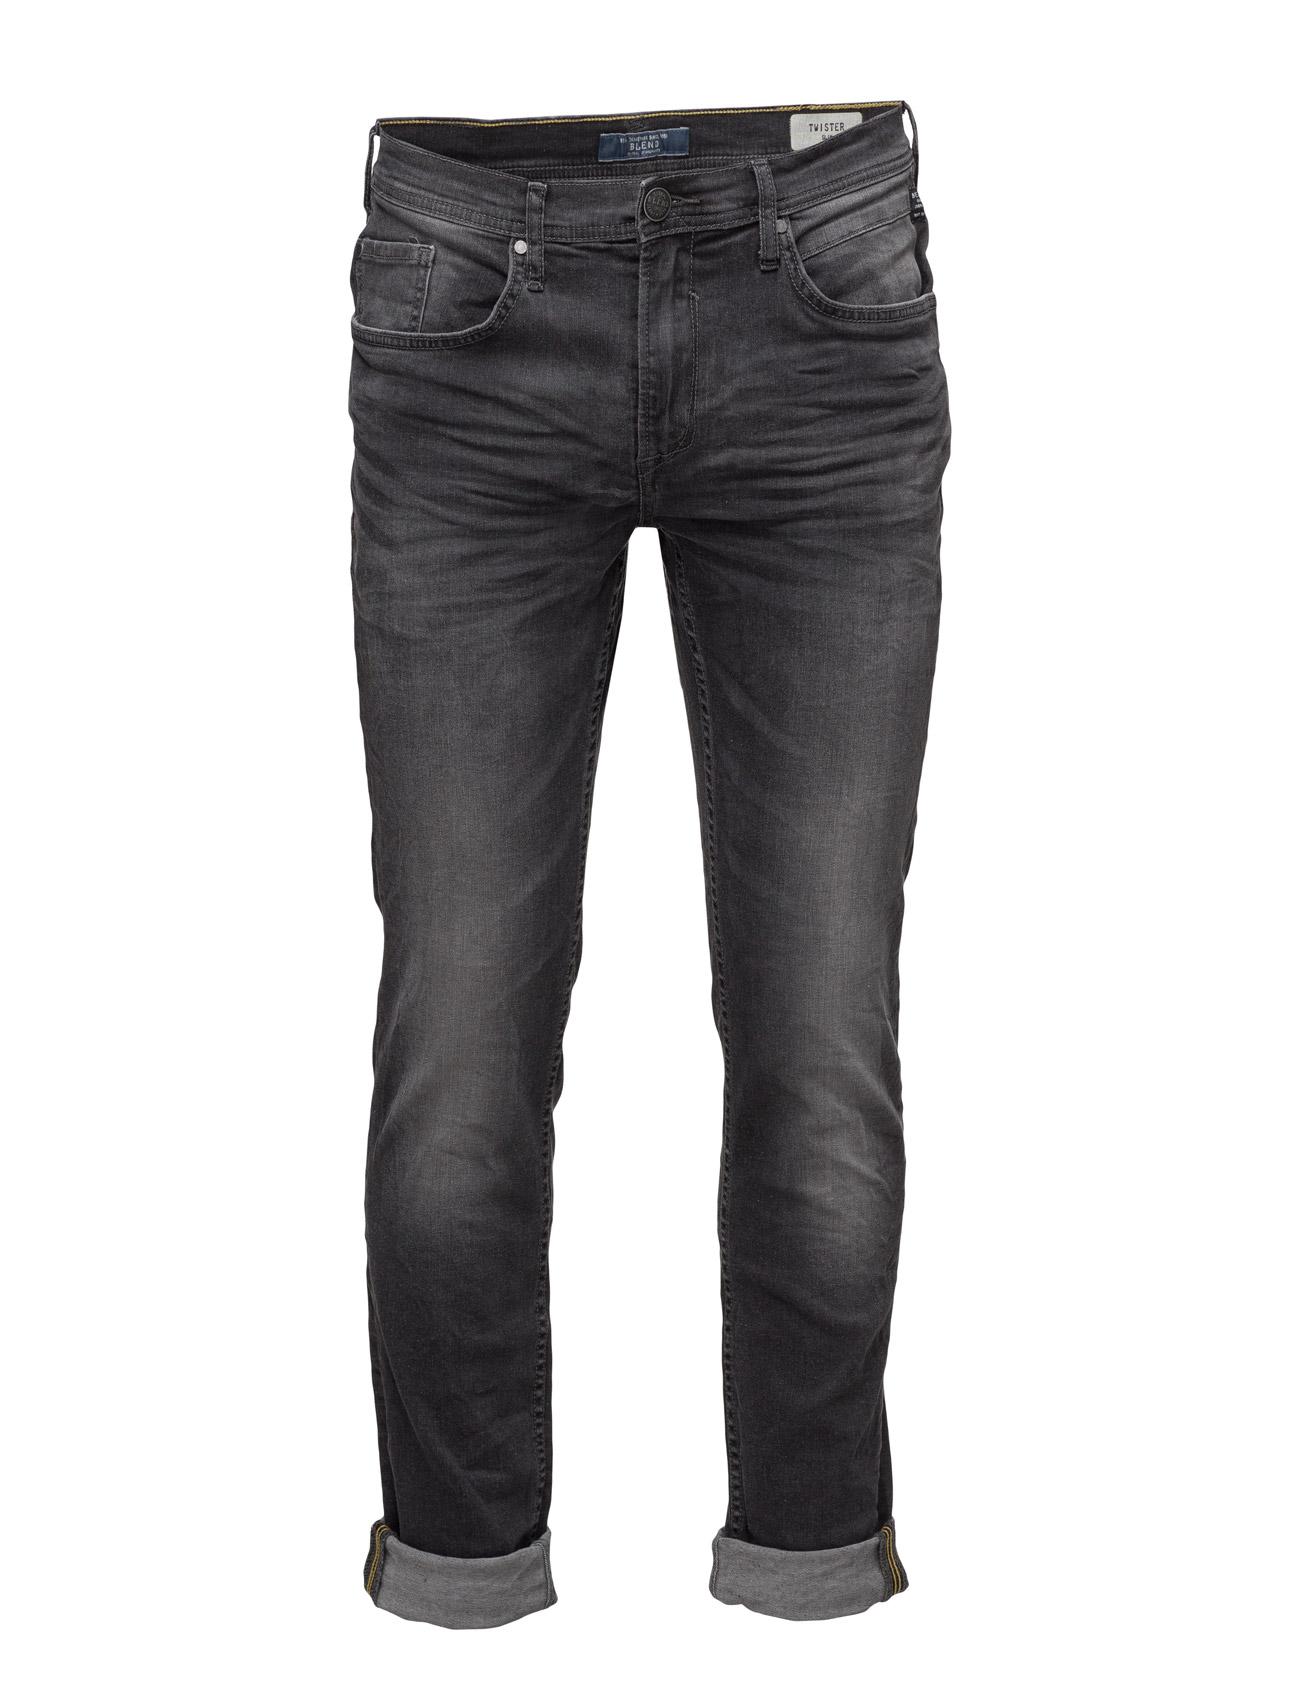 Jeans - Noos Twister Fit Blend Slim til Herrer i